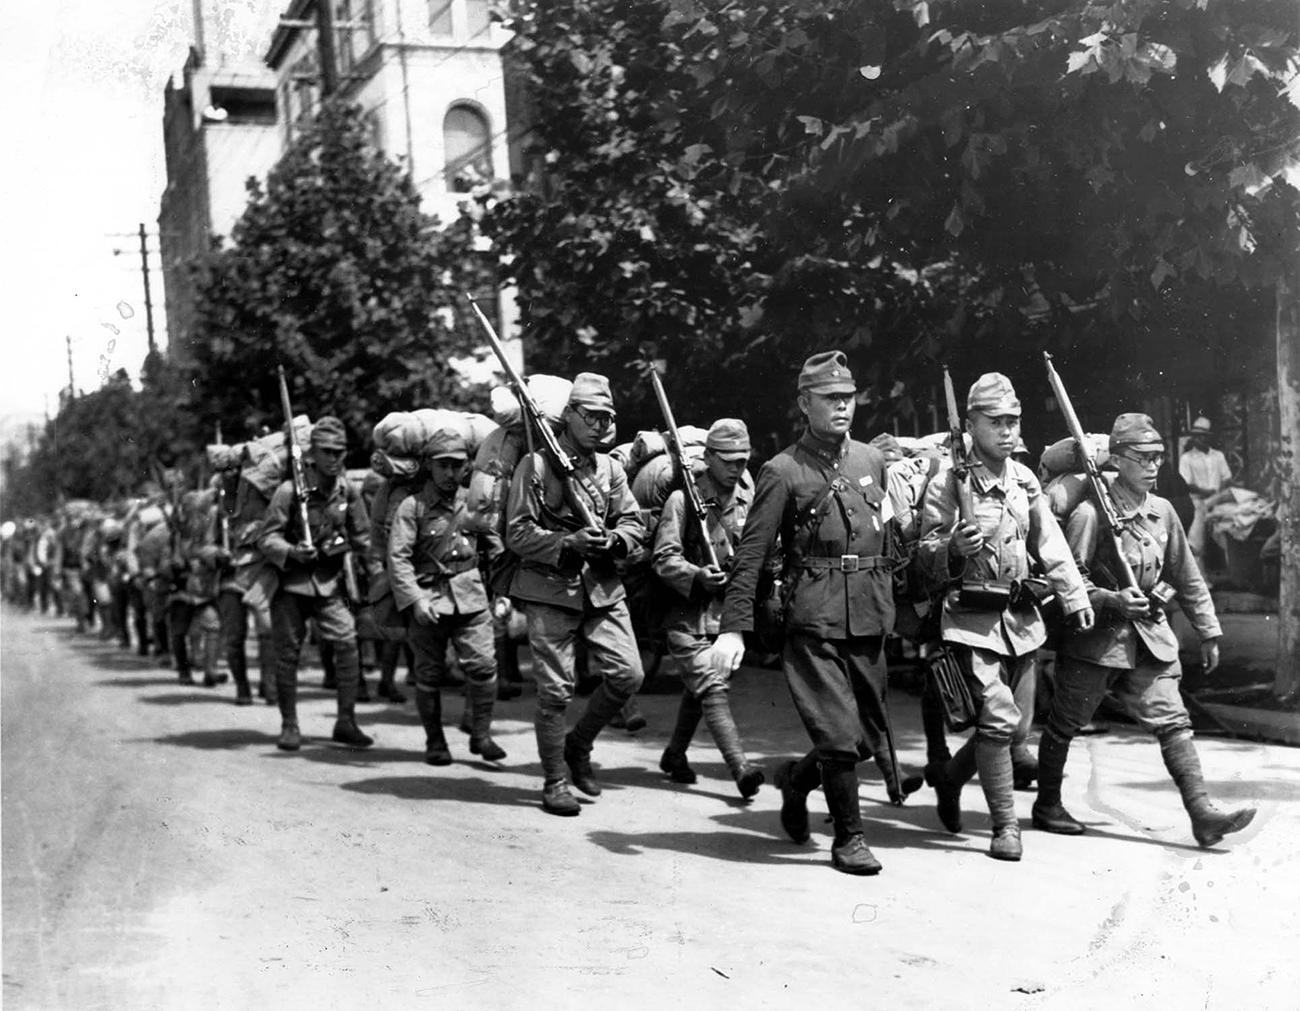 Catatan Sejarah: Apakah Rusia Mendukung Penjajahan Jepang di Korea?